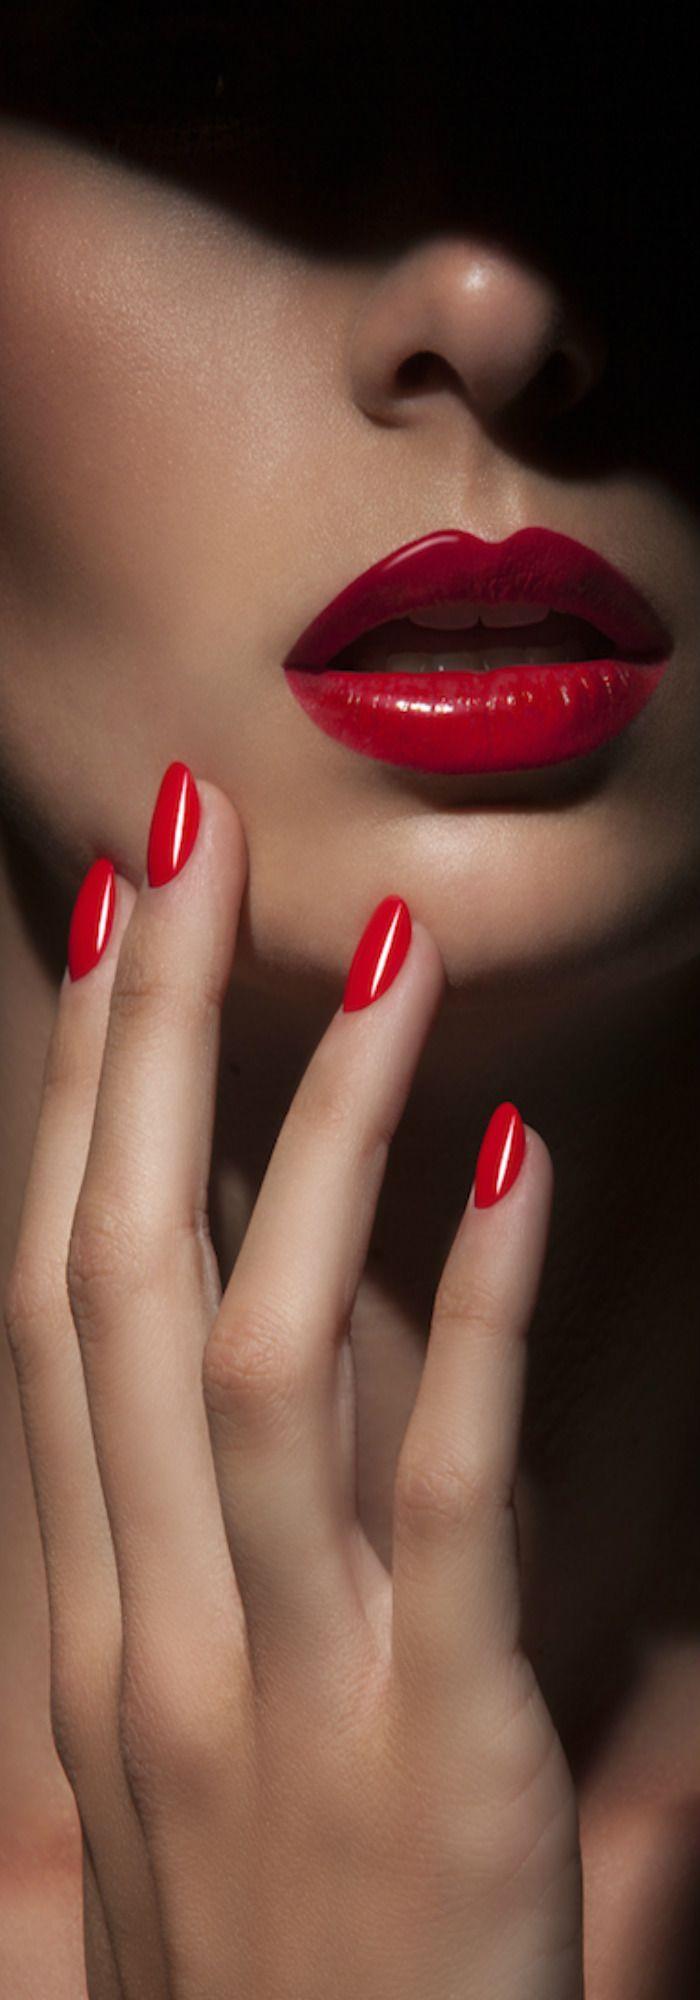 фото гиф красные губы и пальцы данный